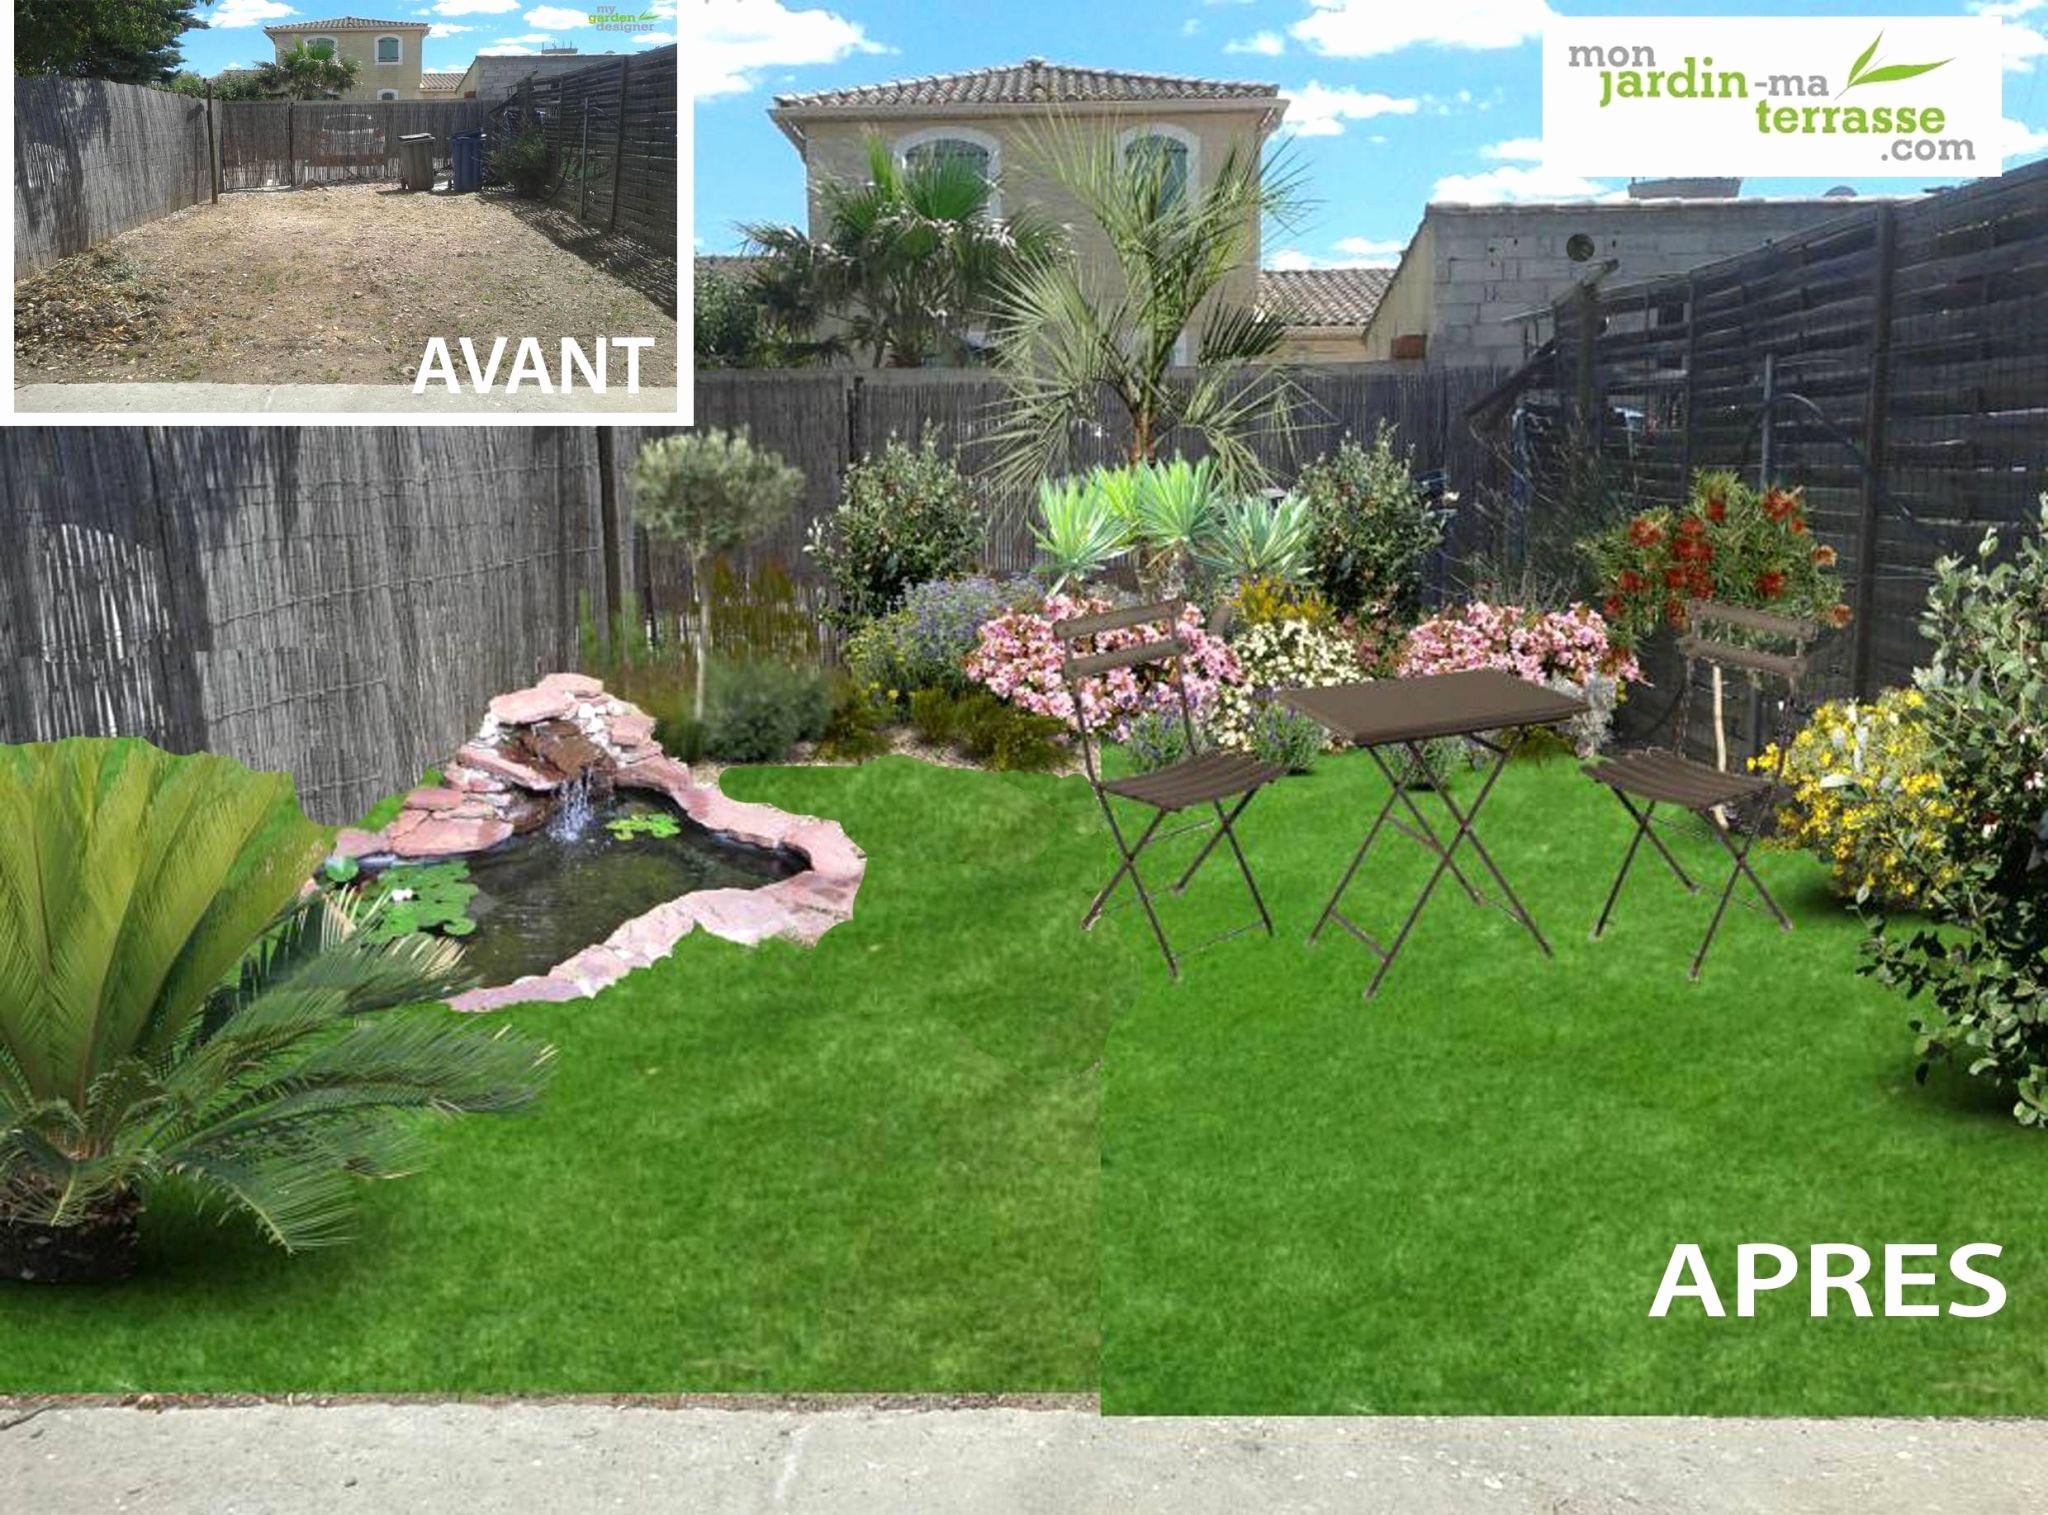 jardin et deco beau idee jardin paysagiste et jardin paysage elegant deco paysage 0d of jardin et deco